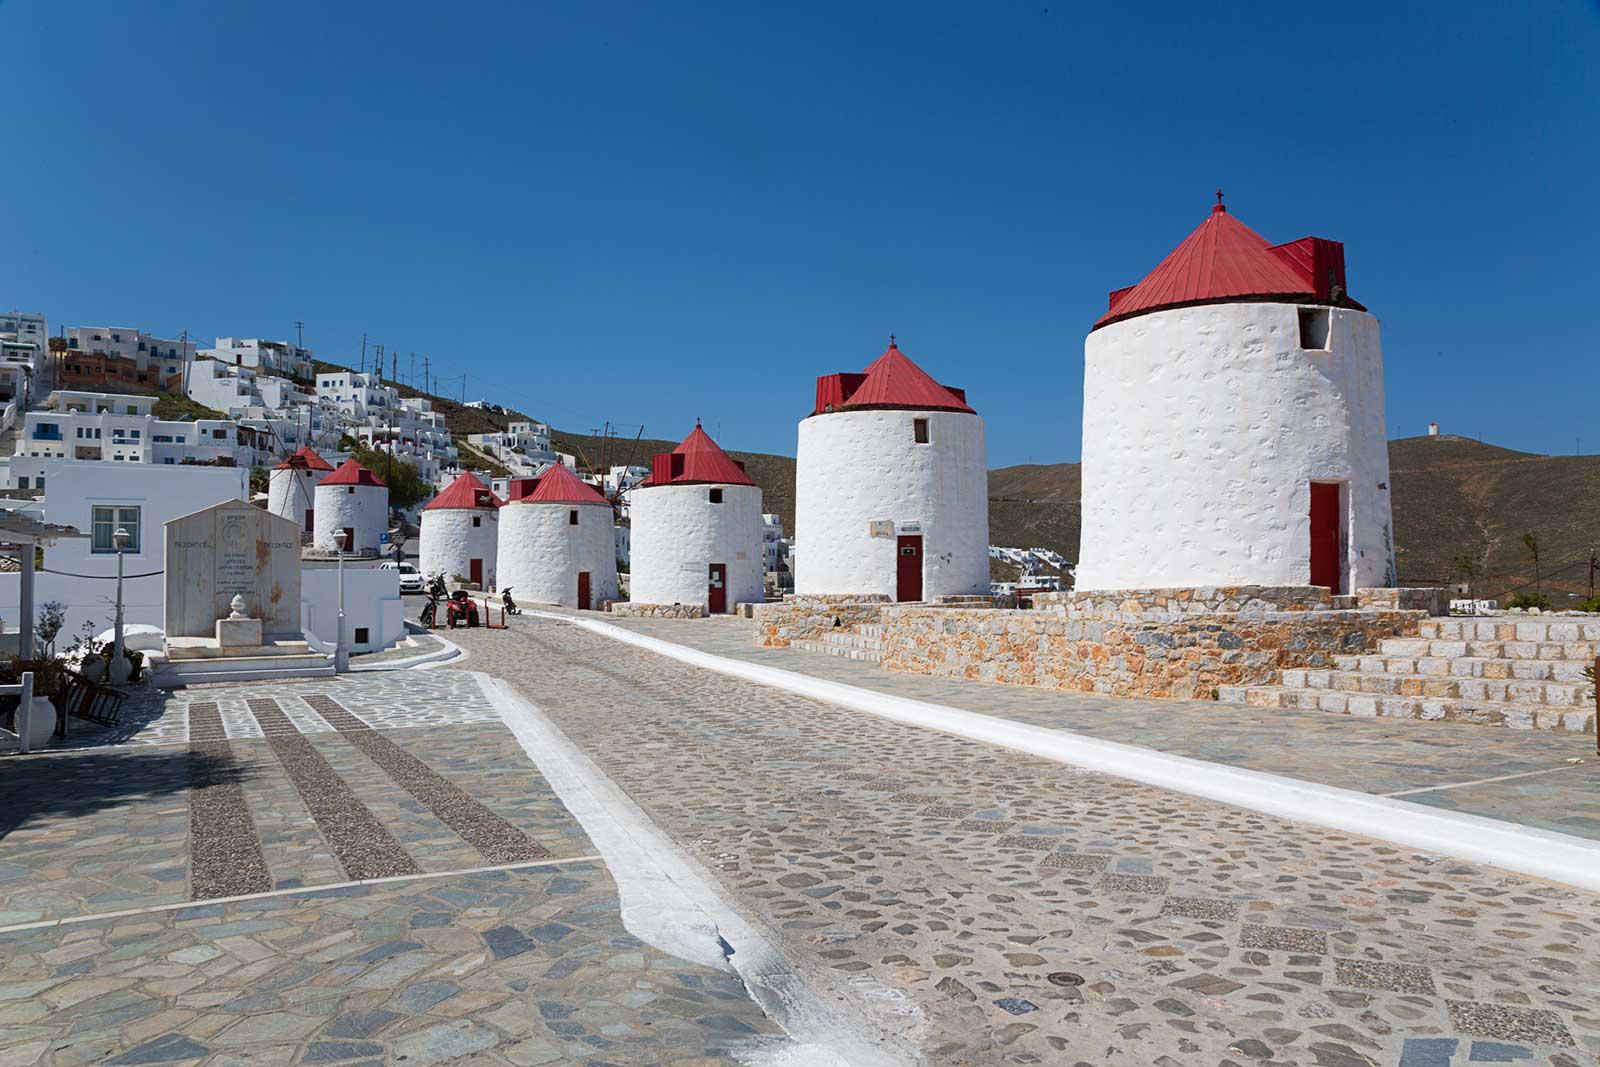 En la plaza principal de Chora, encontrará ocho molinos de viento pintorescos tradicionales.